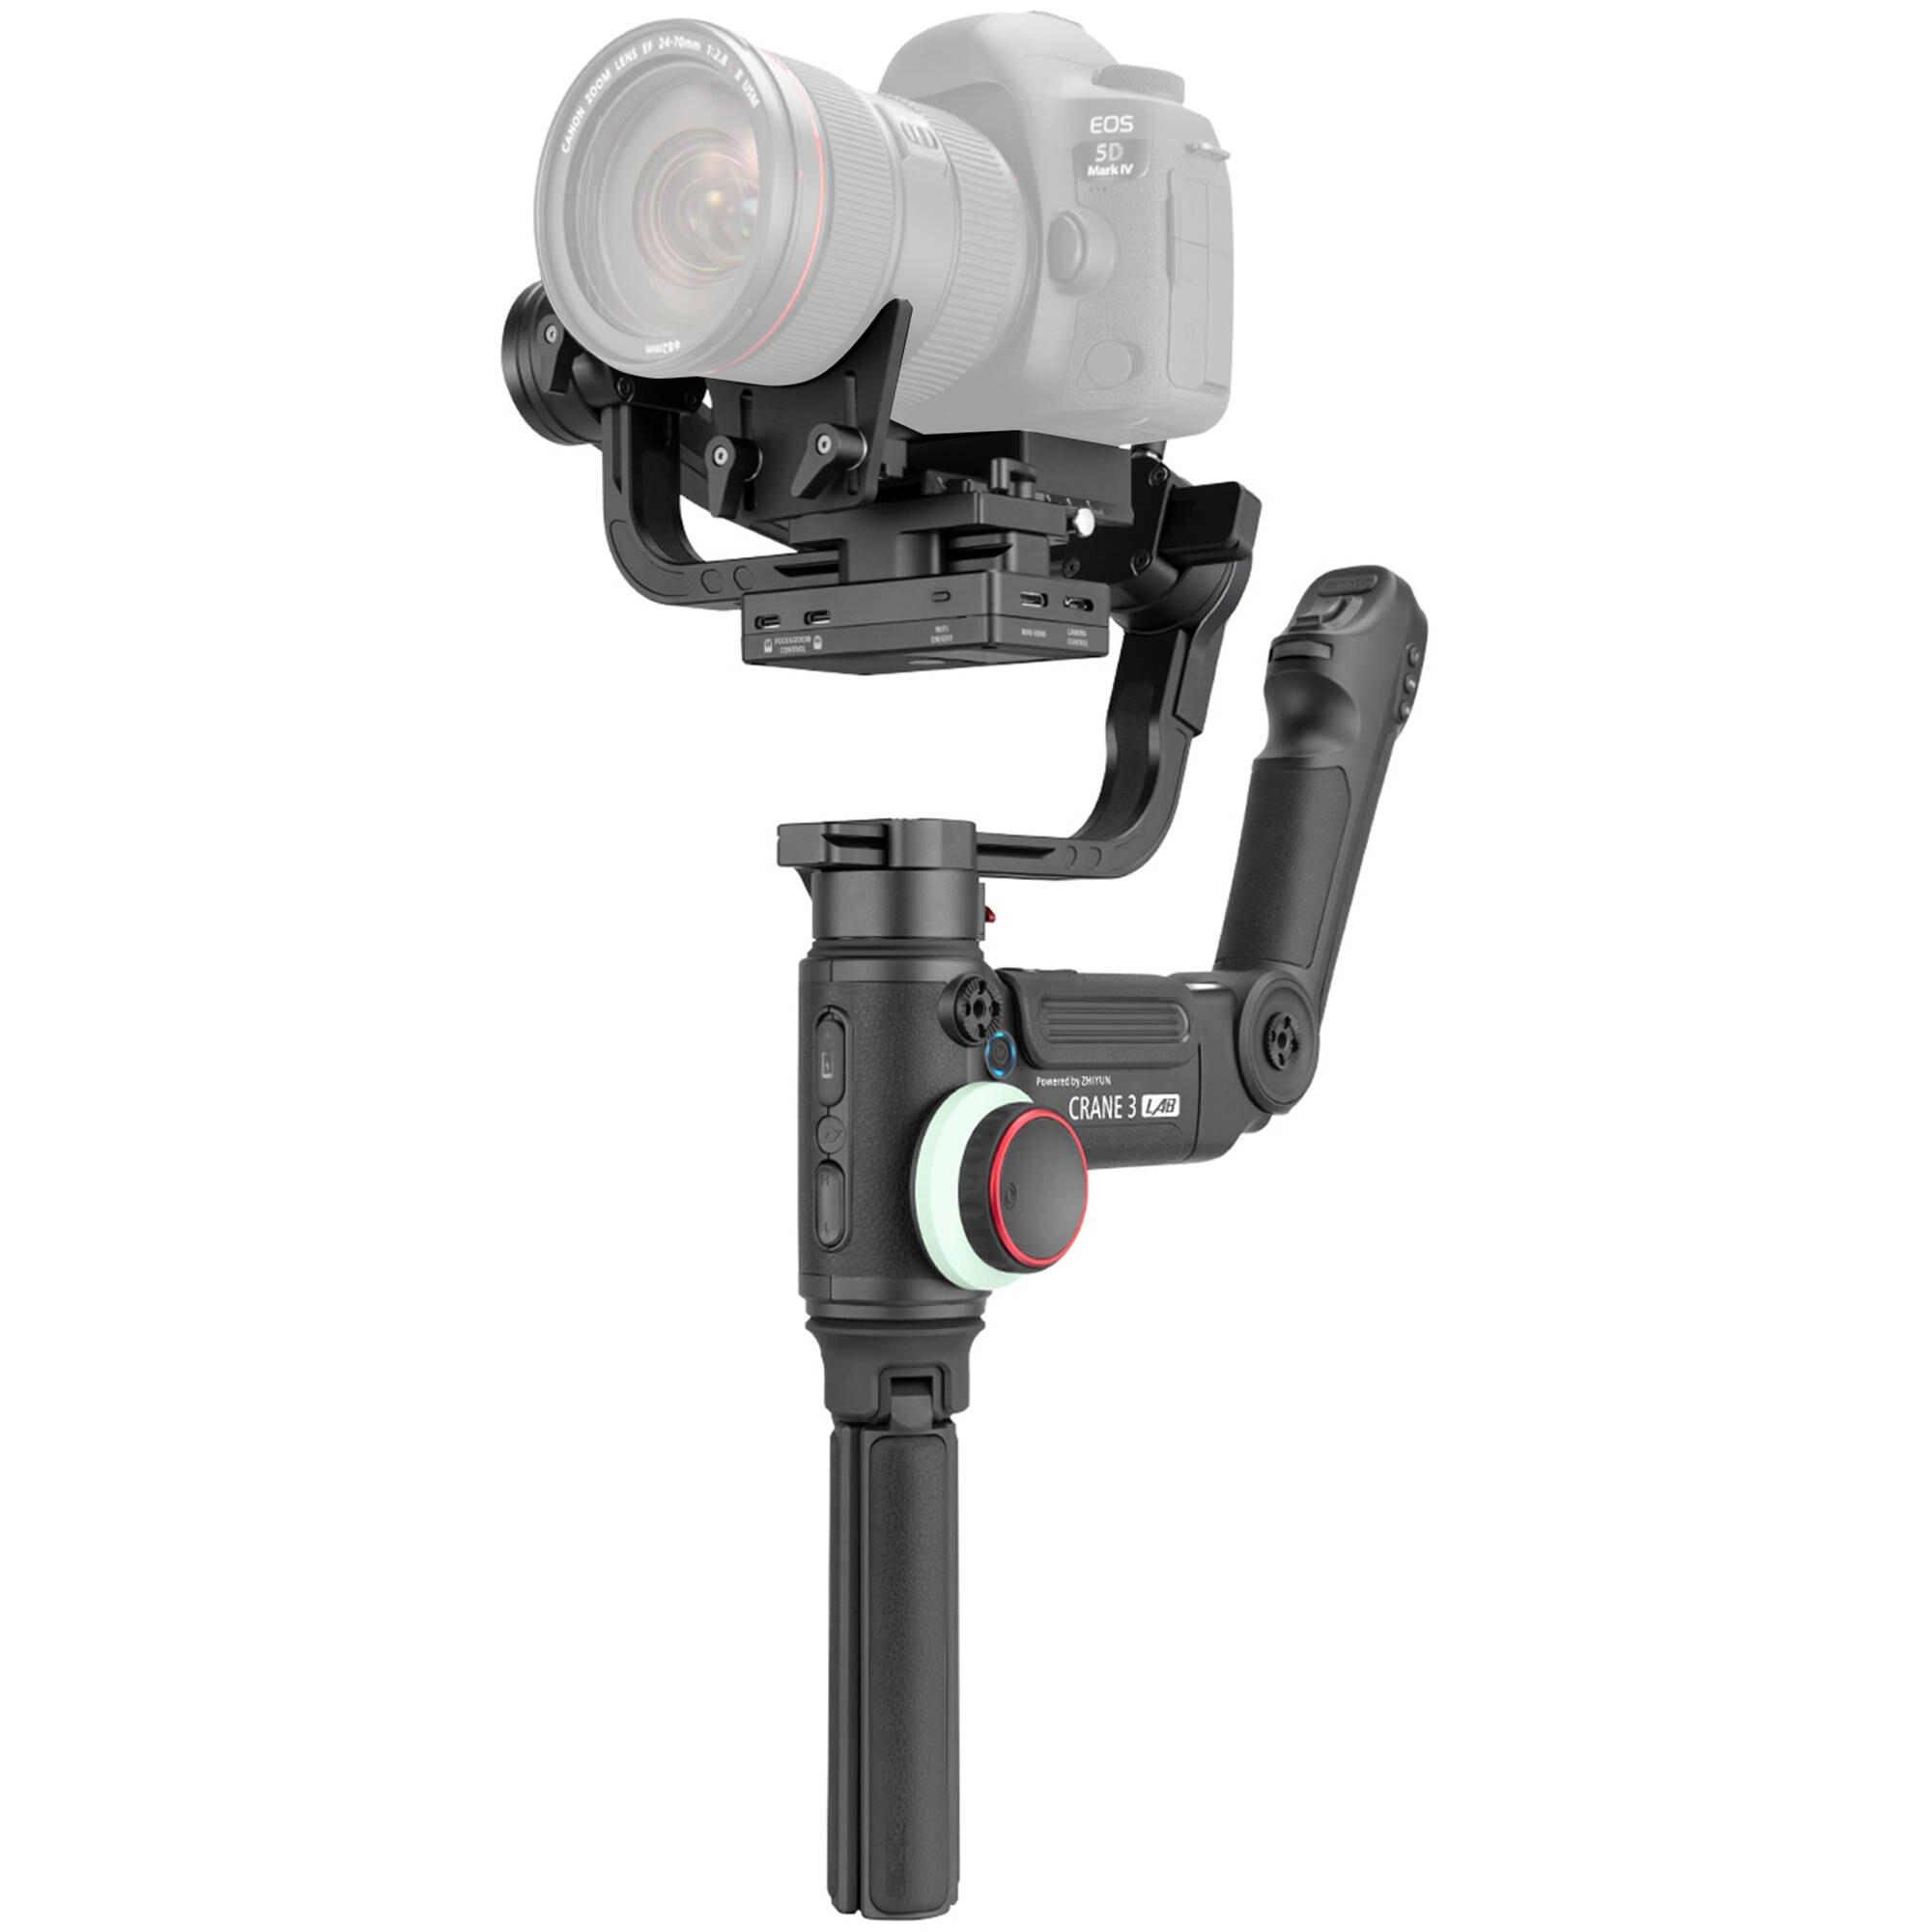 ◎相機專家◎ 現貨免運 Zhiyun 智雲 CRANE 3 LAB 雲鶴3 三軸穩定器 標準套組 承重4.5kg 正成公司貨